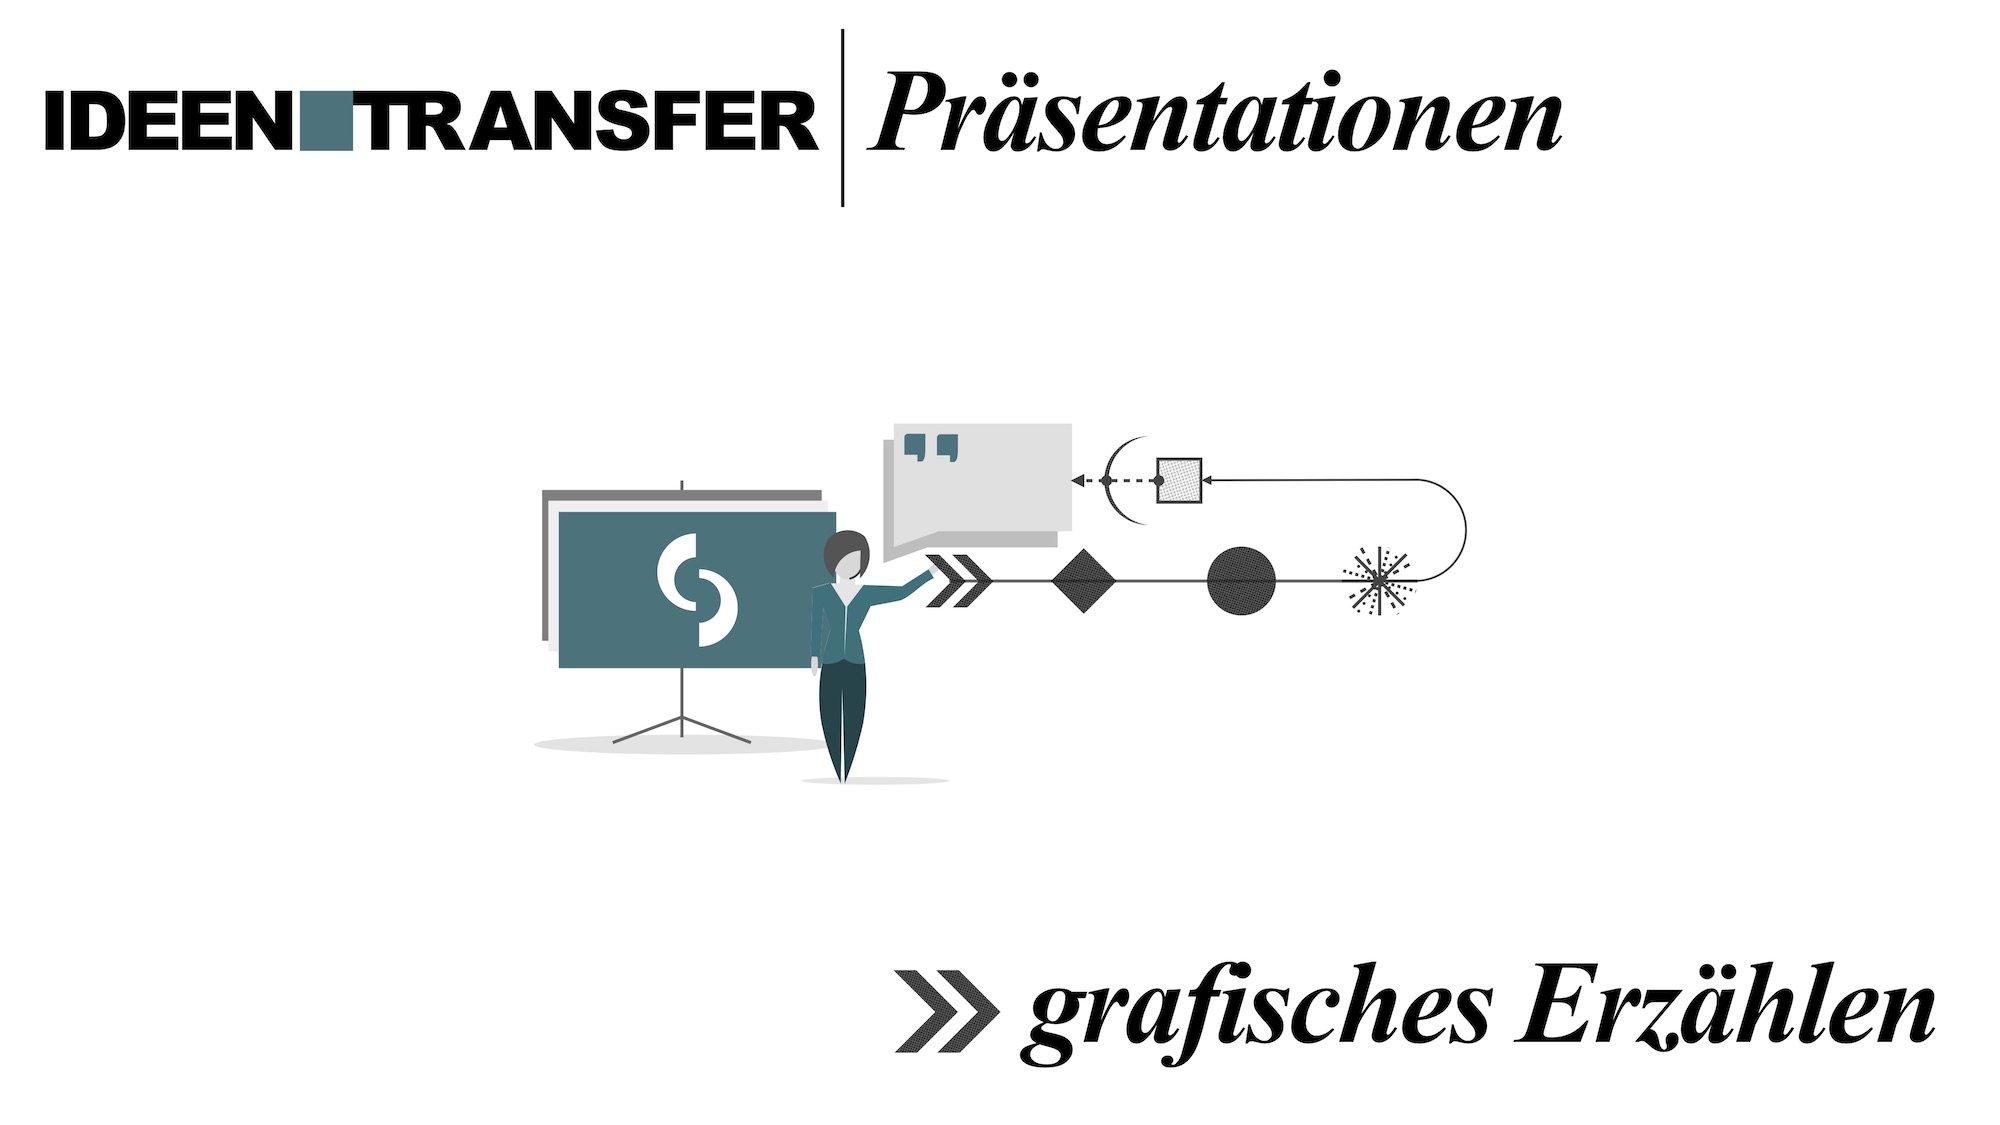 Deckblatt Präsentation zum Thema Grafisches Erzählen mit einer Illustration